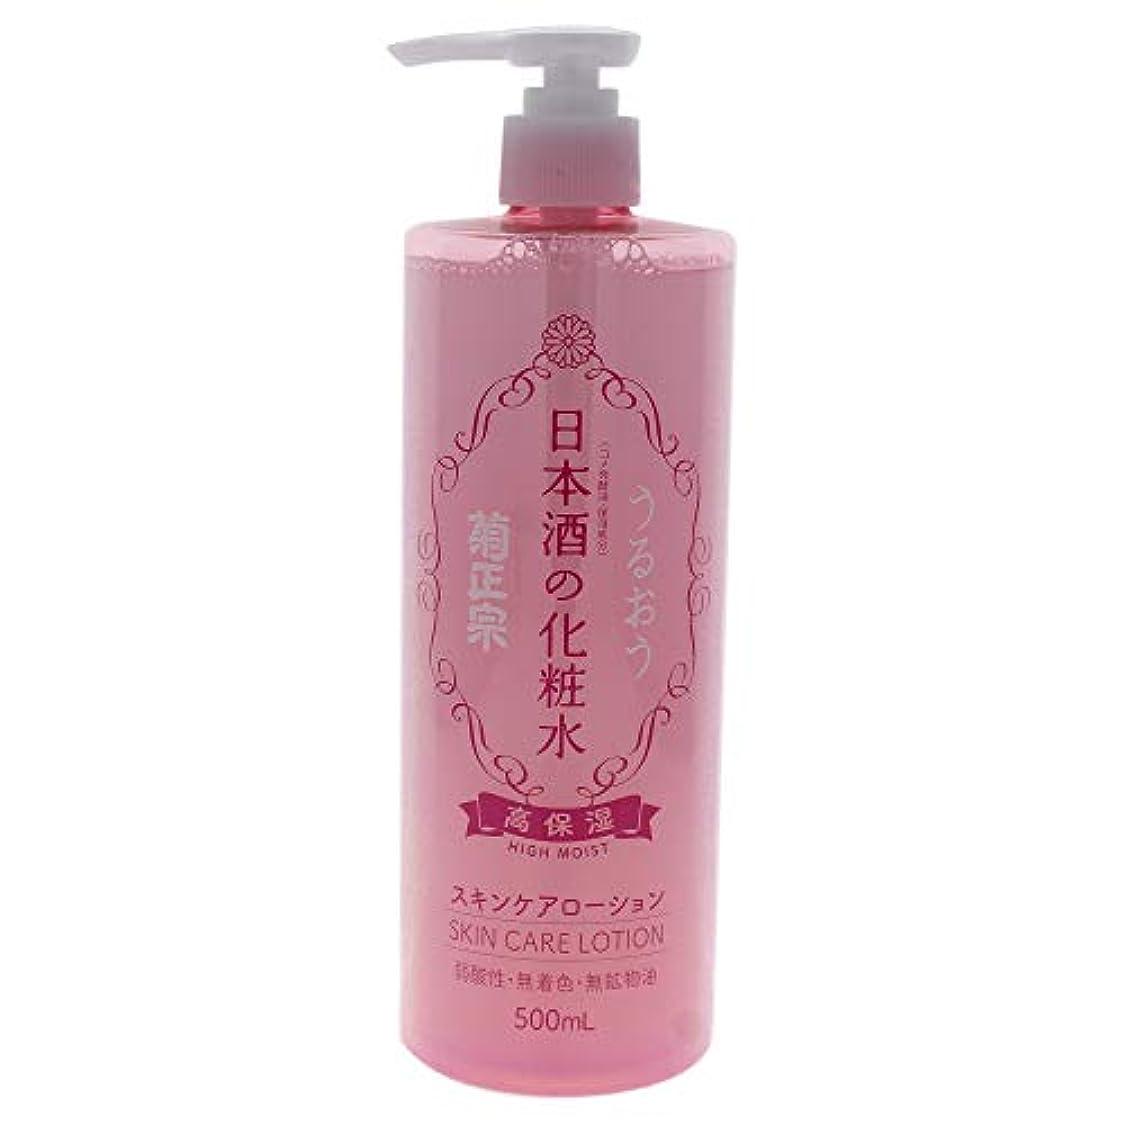 起訴するに勝るエネルギー菊正宗 日本酒の化粧水 高保湿 単品 500ml